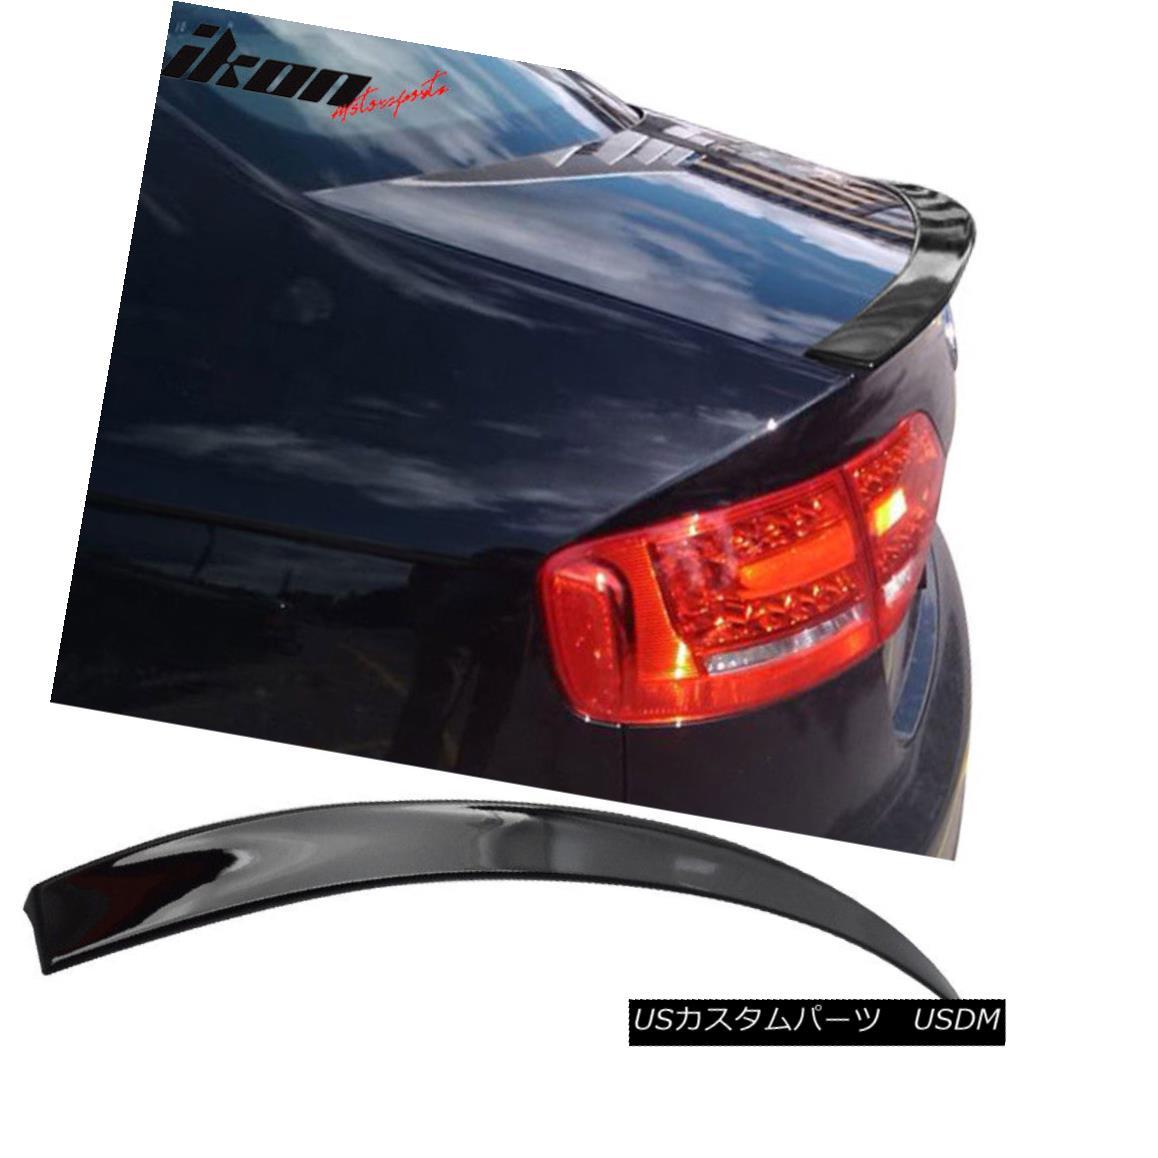 エアロパーツ Fits 09-12 Audi A4 Sedan B8 A Type Trunk Spoiler Painted #LY9B Brilliant Black フィット09-12アウディA4セダンB8 Aタイプトランクスポイラー#LY9Bブリリアントブラック